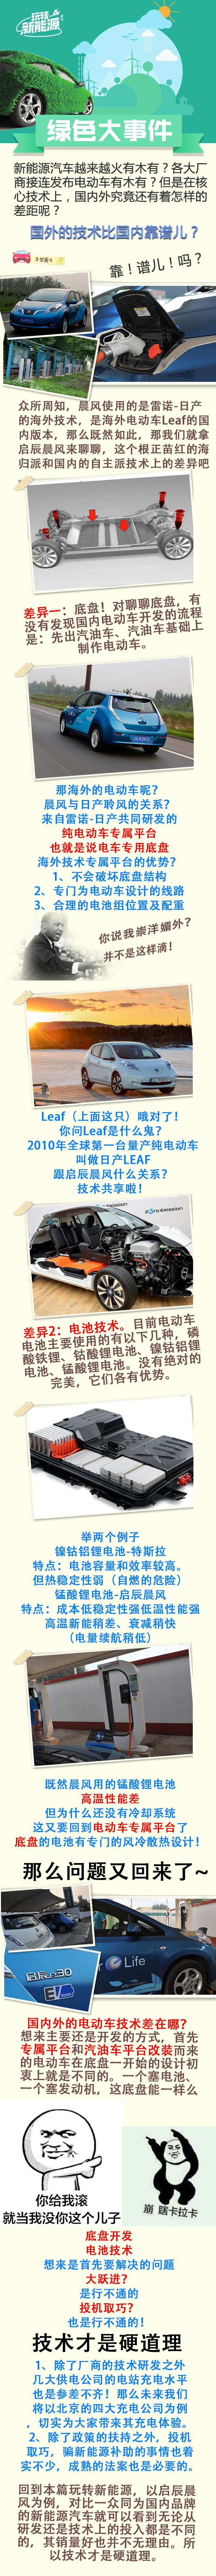 玩转新能源:技术宅 它是最安全的电动车?